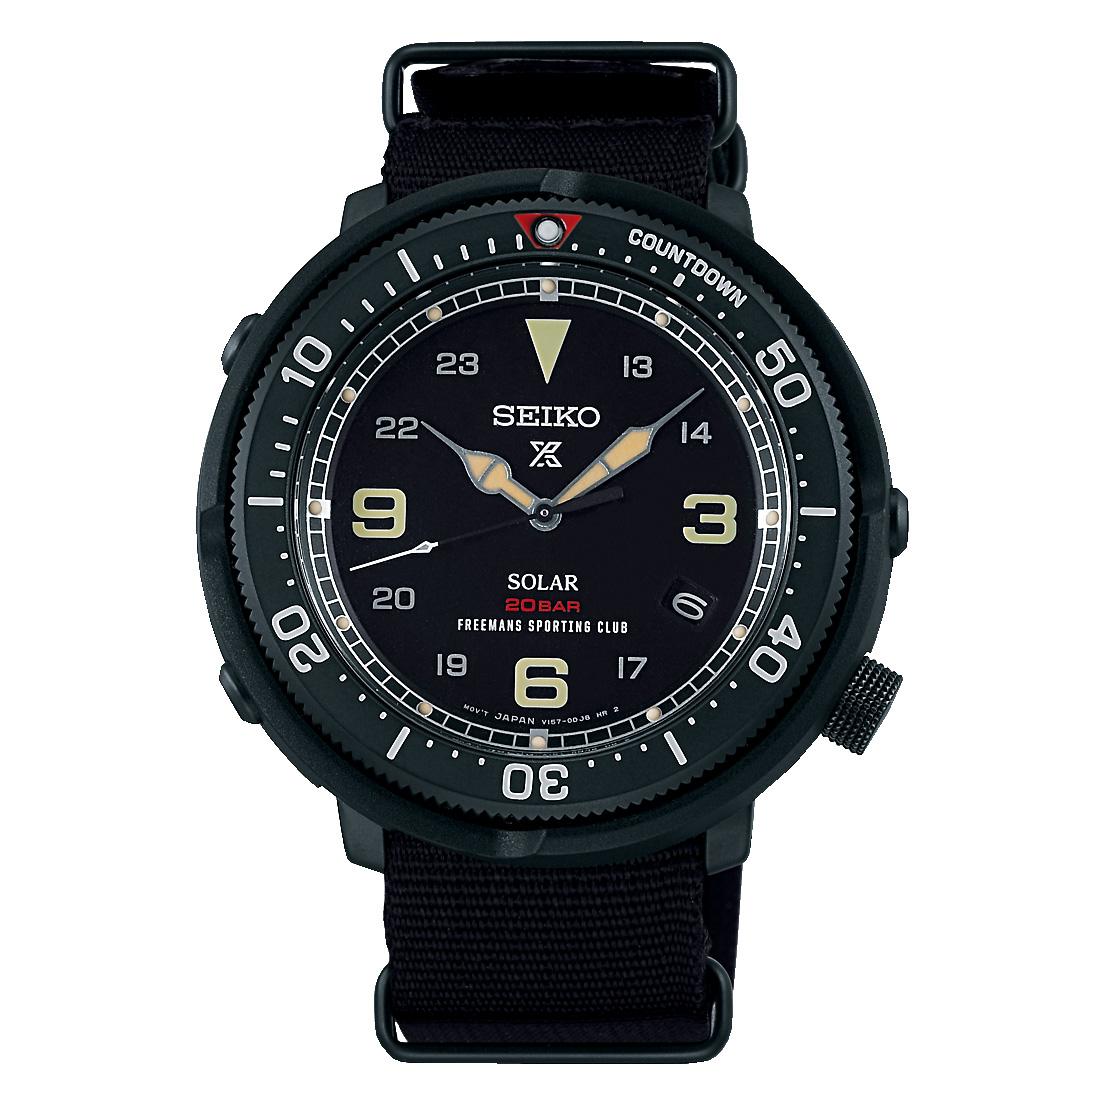 【限定700本】SEIKO Prospex Fieldmaster LOWERCASE Limited Edition Freemans Sporting Club Exclusive Model 品番:SBDJ025